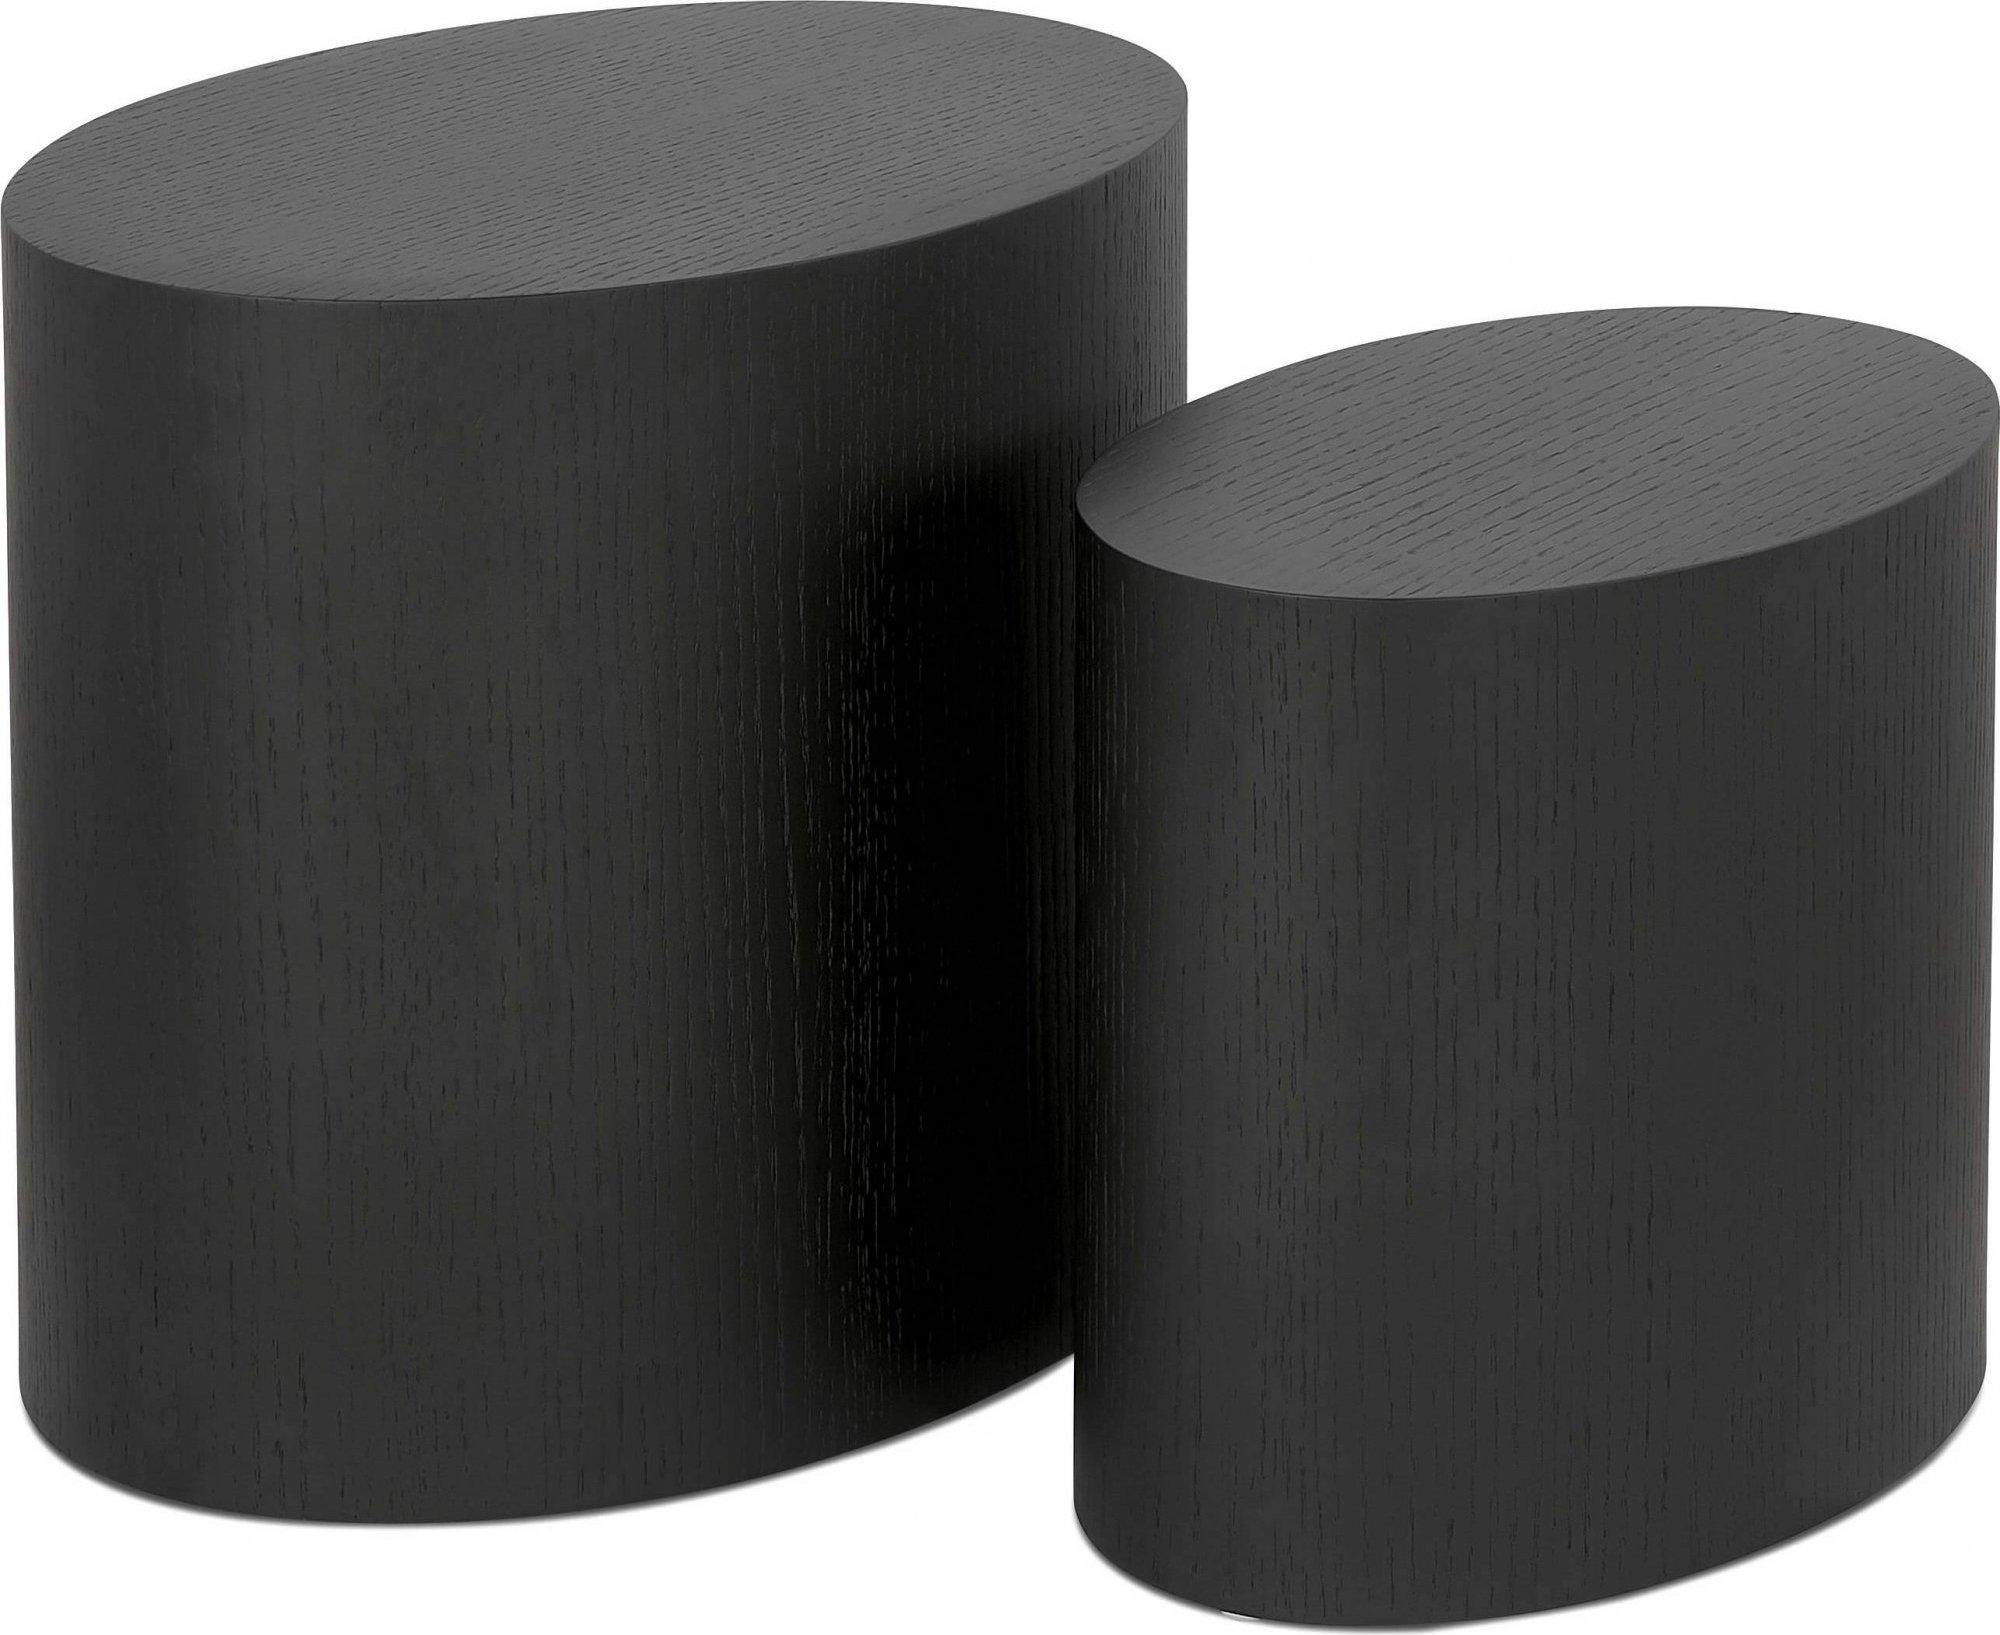 Table basse design bois couleur noir (lot de 2)